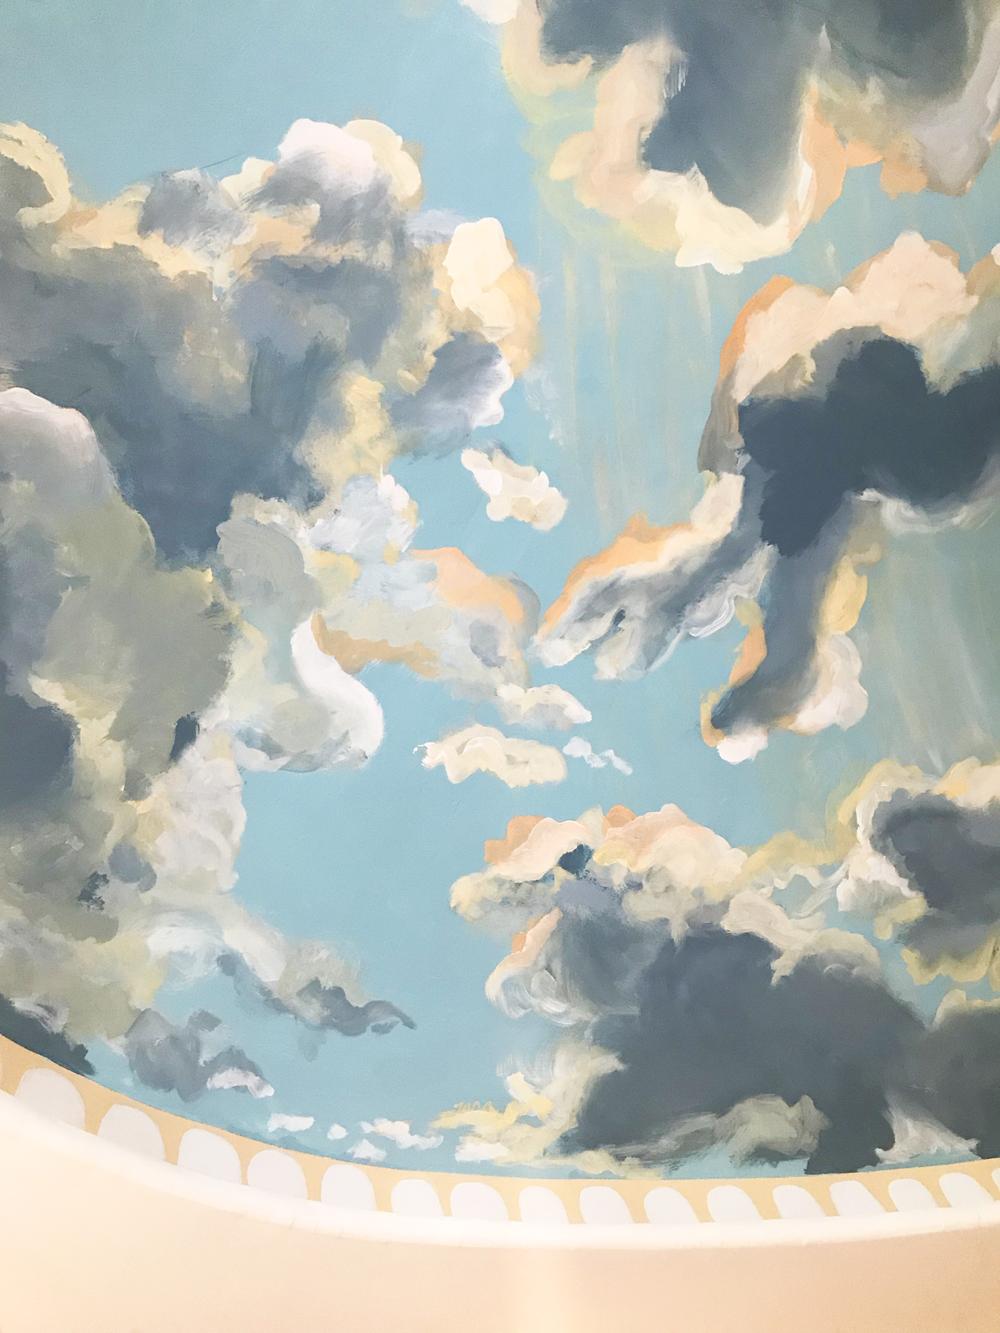 2019_04_Kuni_Bedroom Sky 3.png